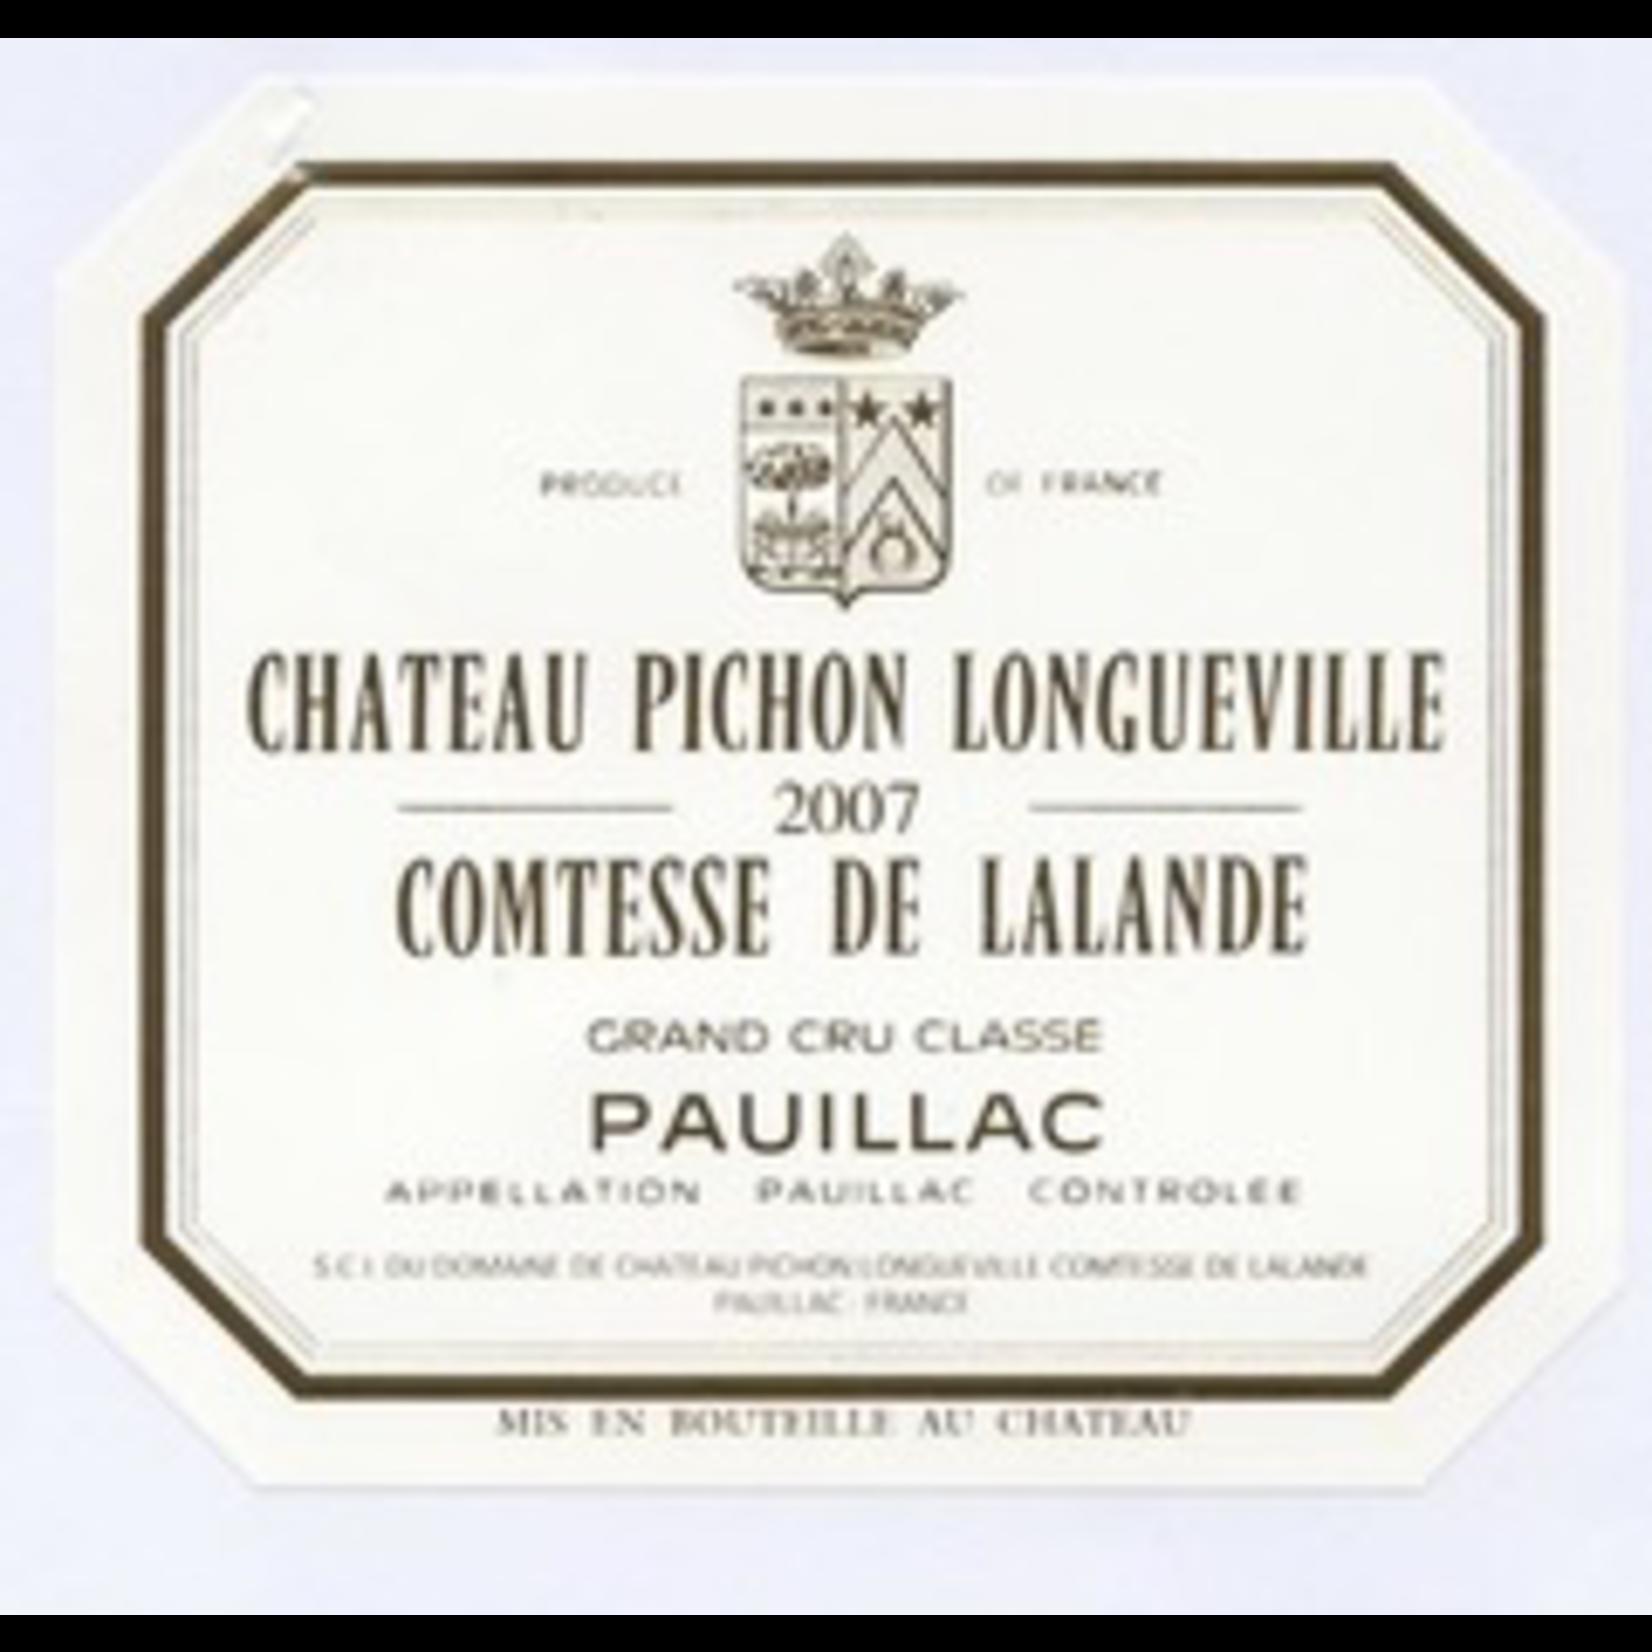 Wine Chateau Pichon Longueville Comtesse de Lalande 2007